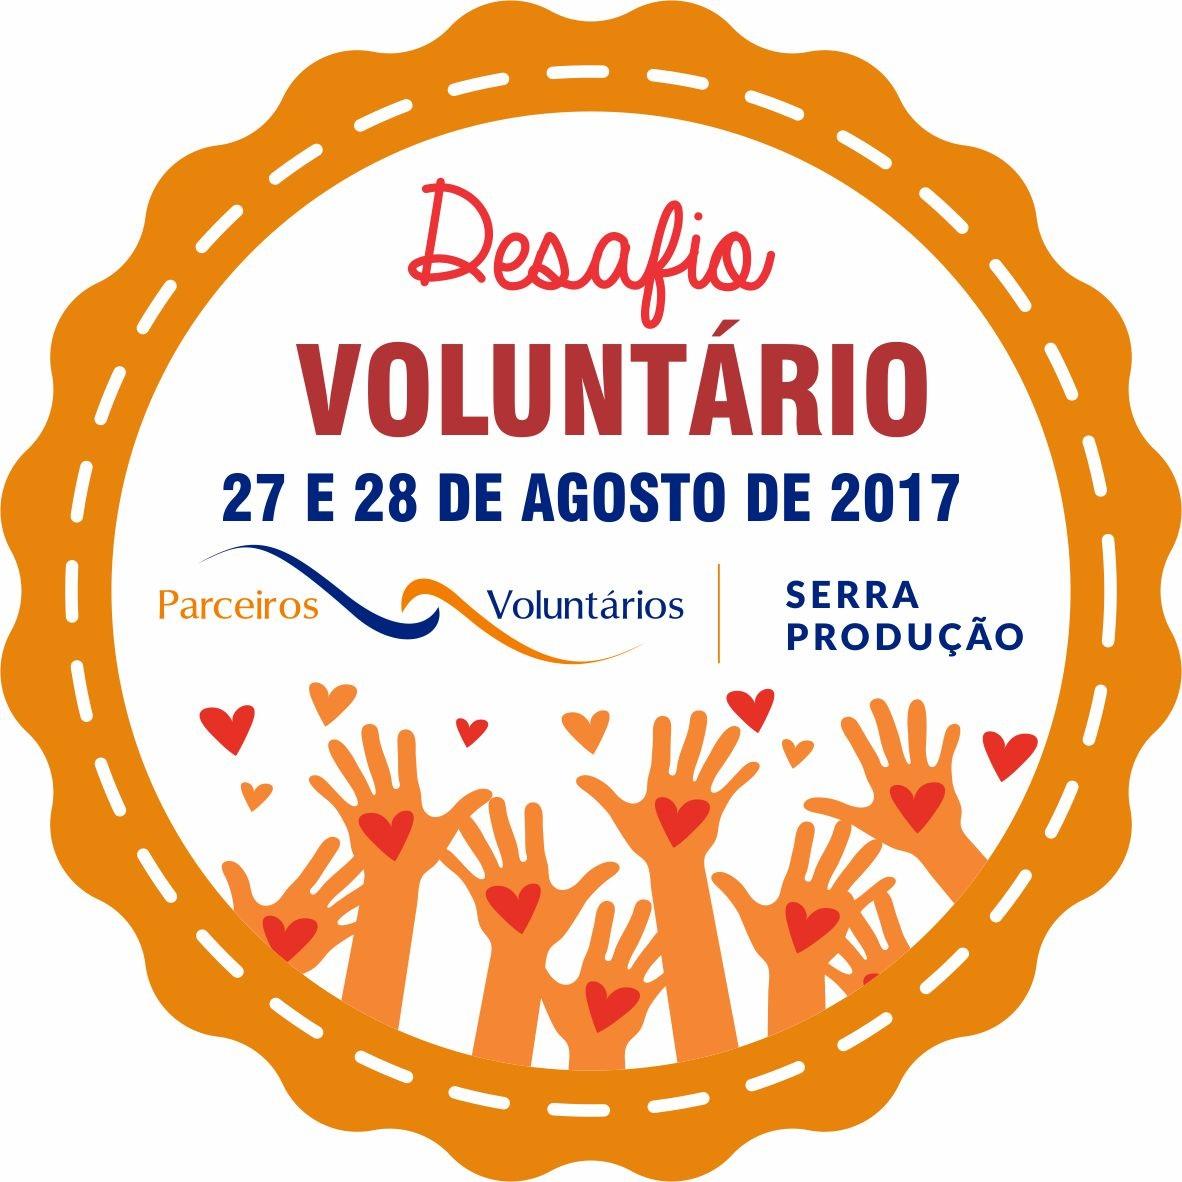 Desafio Voluntário ocorre nos dias 27 e 28 de agosto em Bento